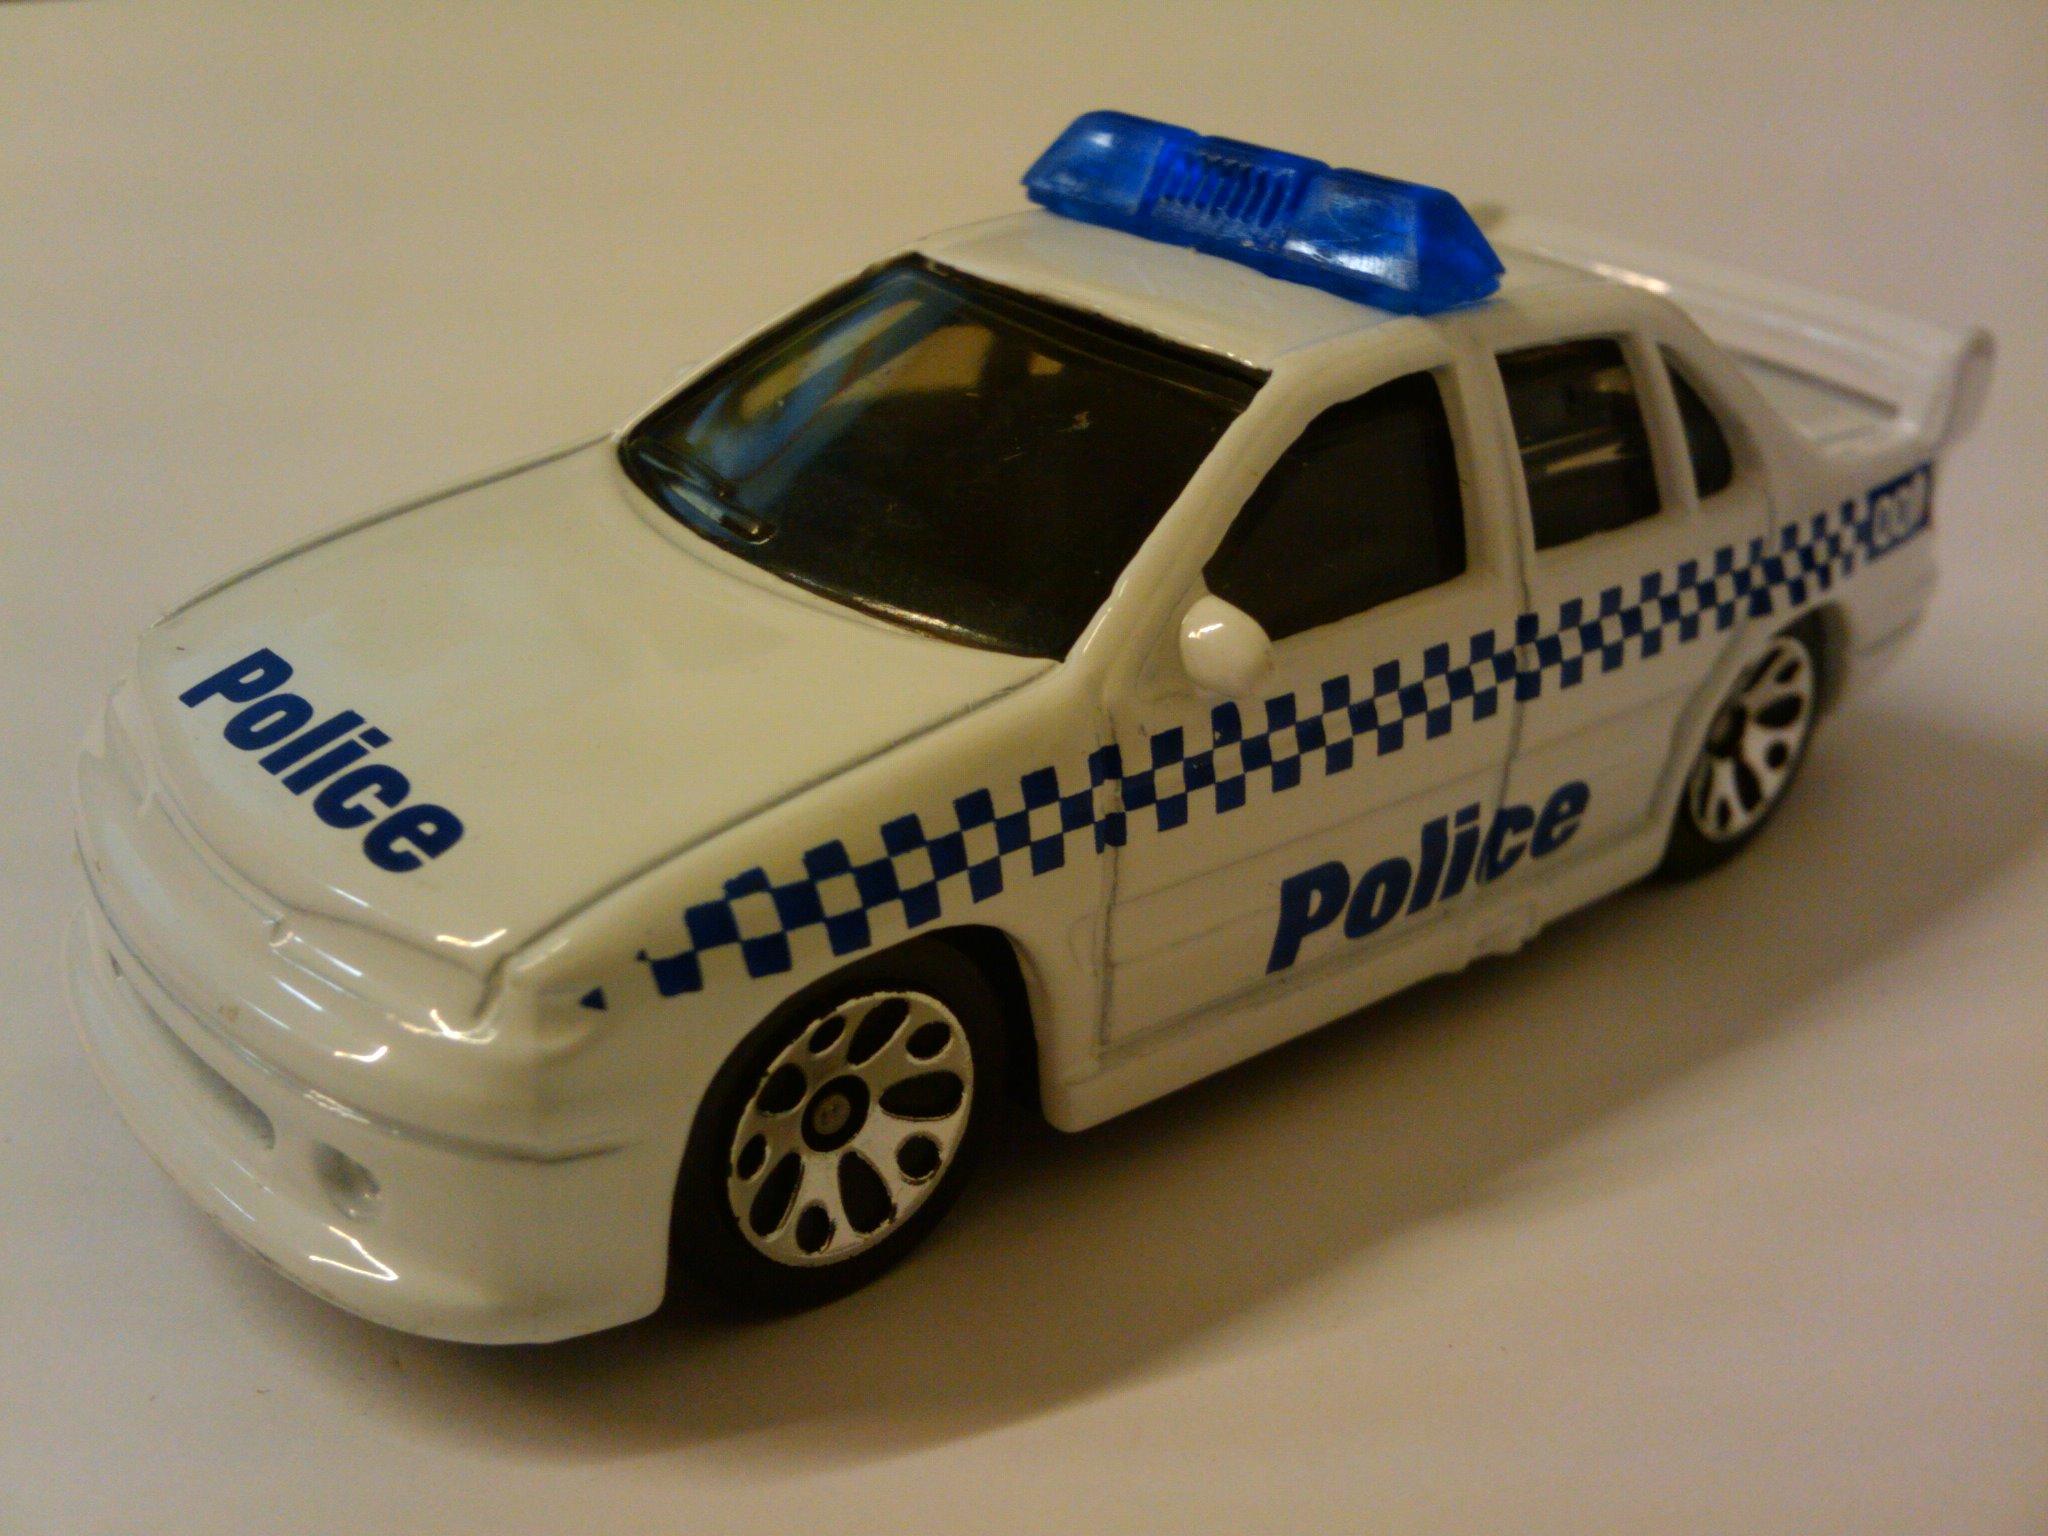 1996 Ford Falcon Police